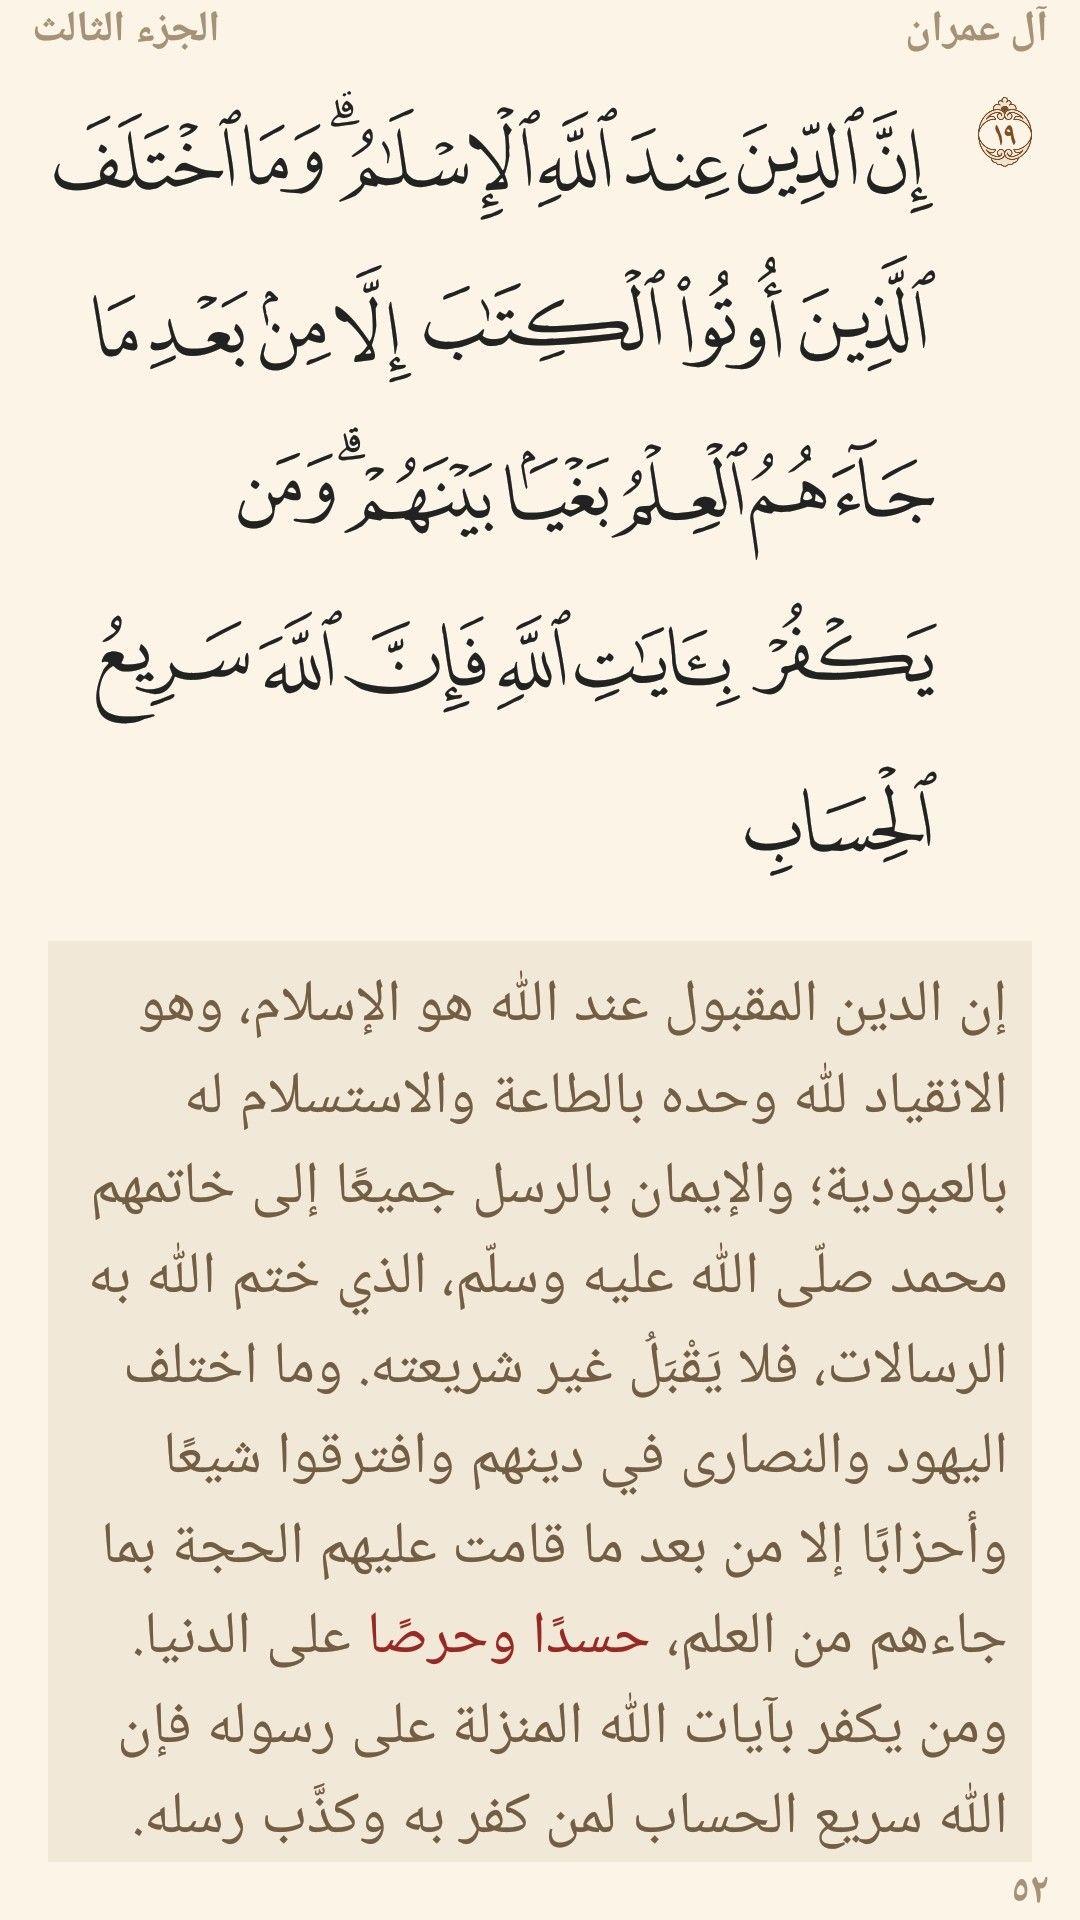 كن مسلما كوني مؤثرة هذه سبيلي ادعو الى الله هذا هو الاسلام حب القران قنوان دانية اقوال شيخ للاسلام ابن تيمي Hadeeth Personalized Items Person